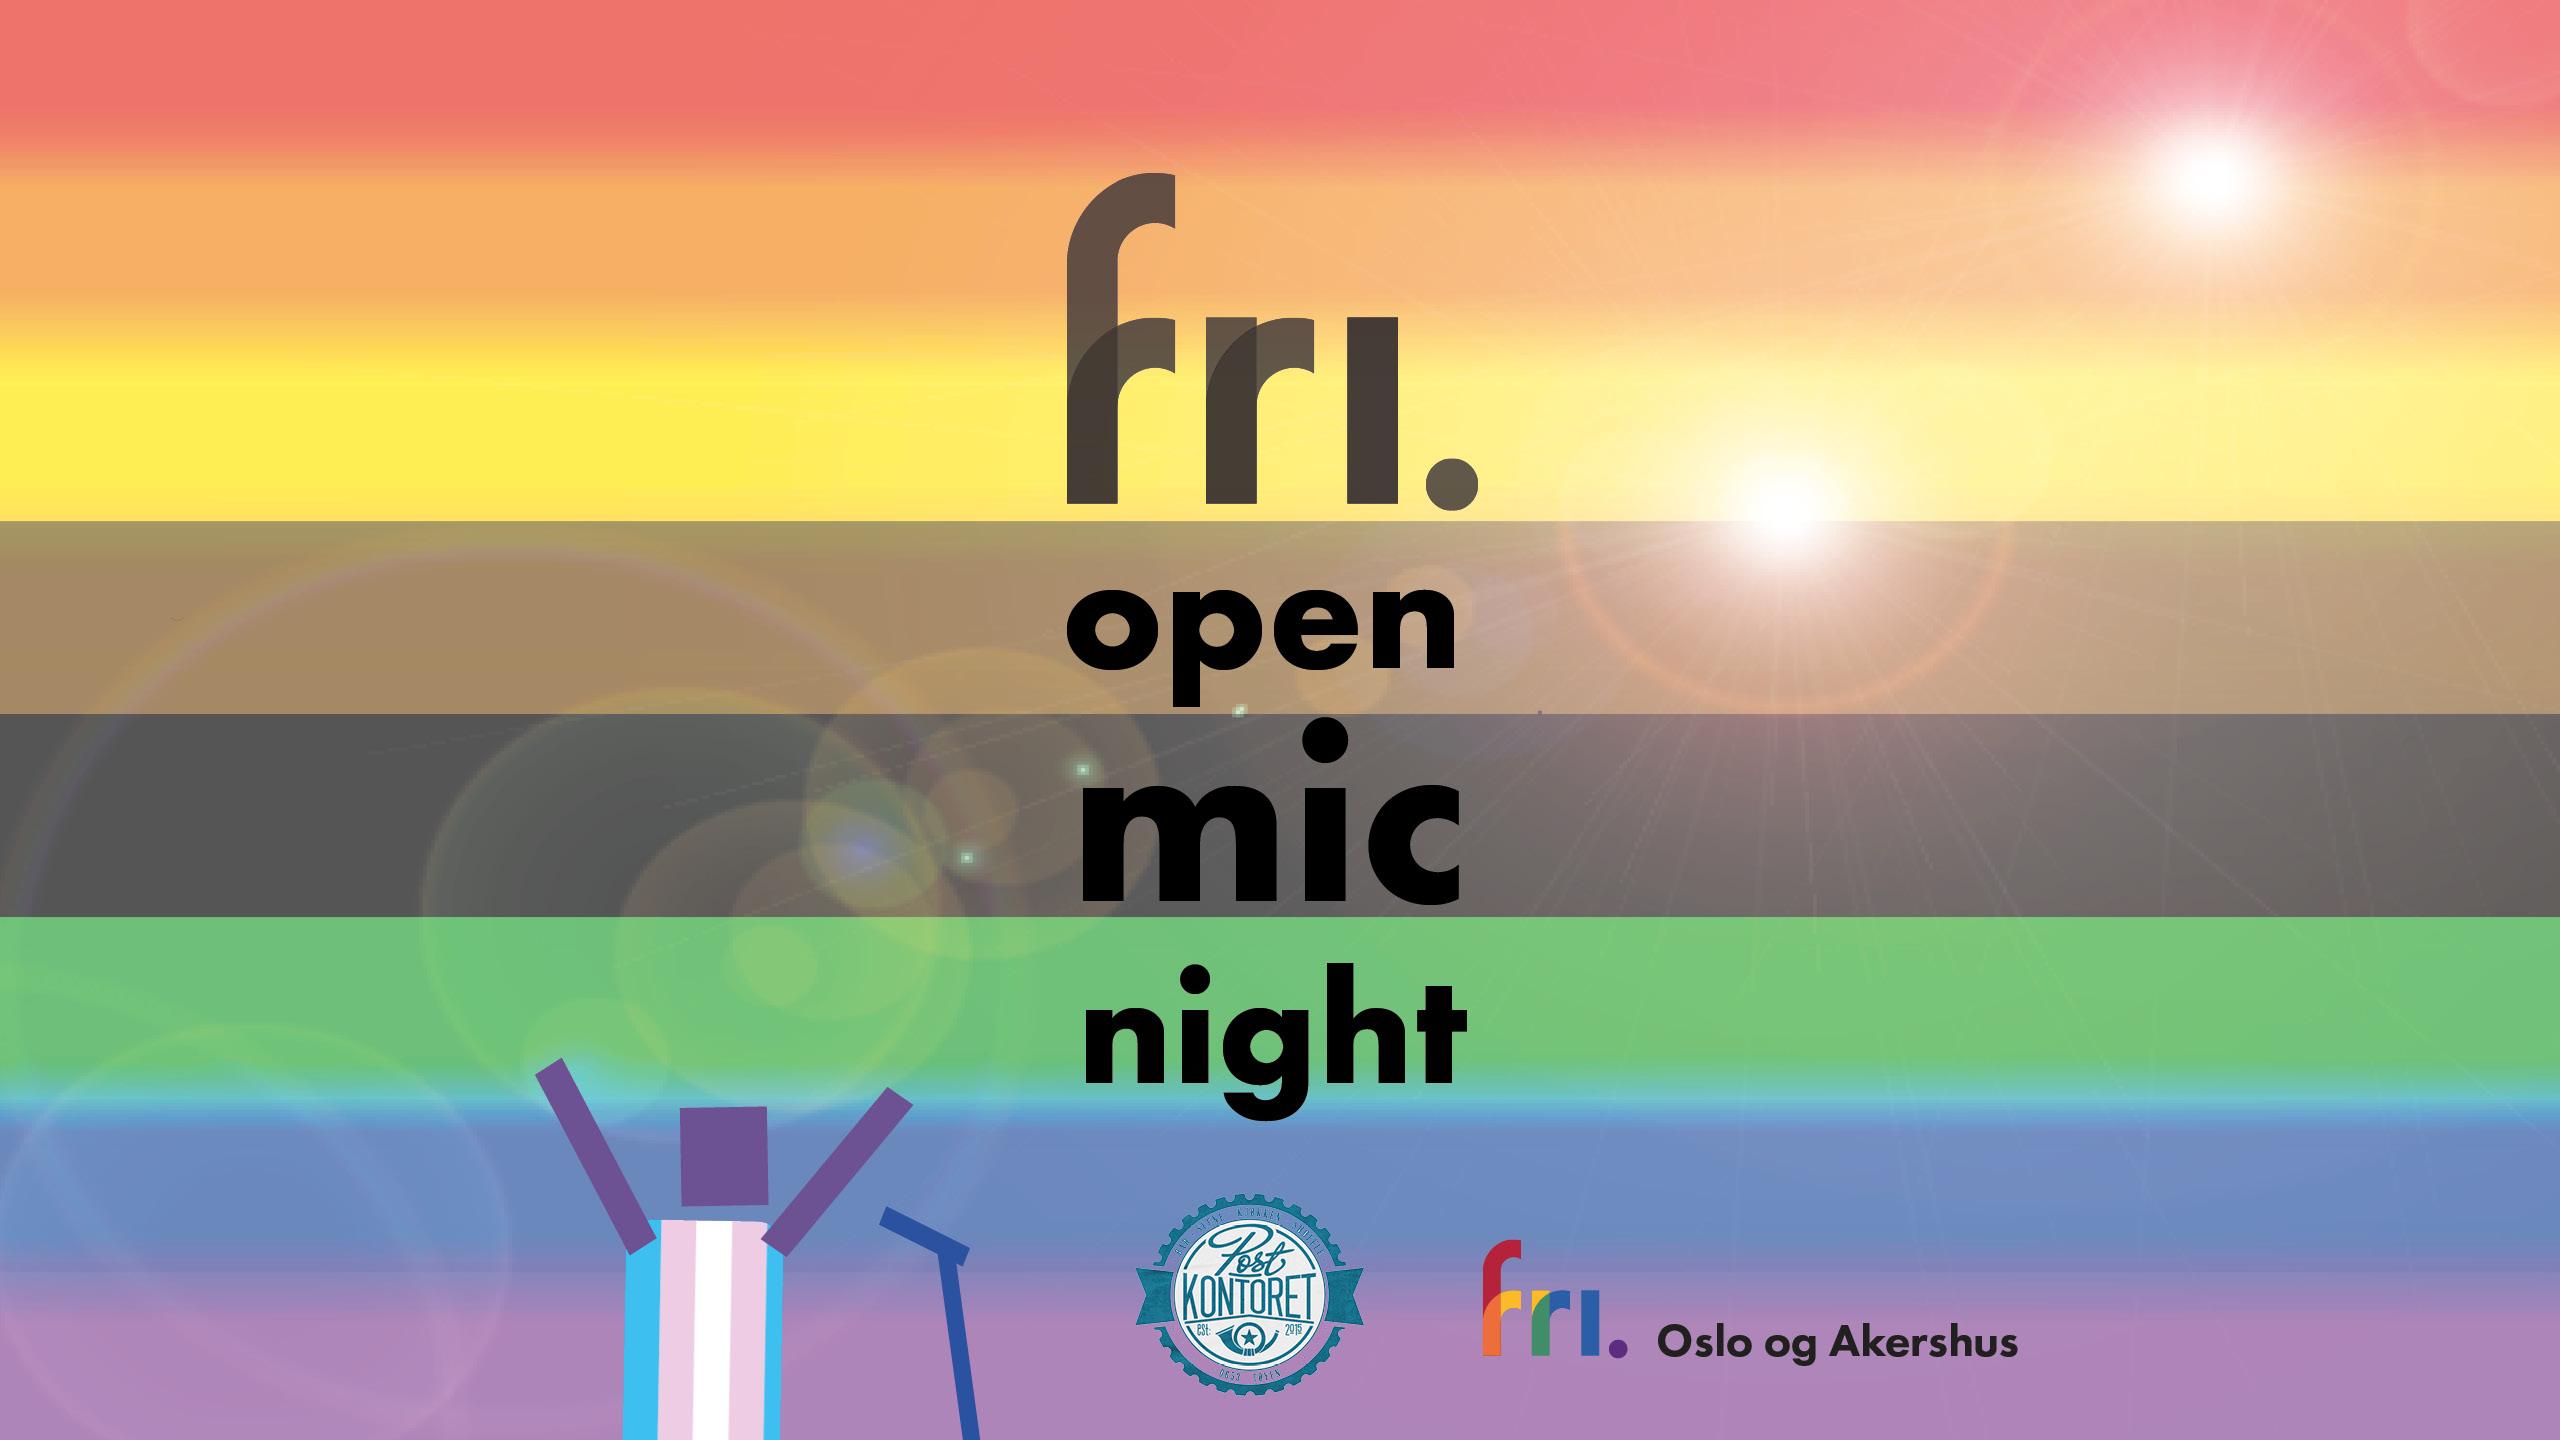 FRI open mic night: Del din komme-ut-historie. Velkommen! Postkontoret - Tøyen - torsdag 11. oktober.